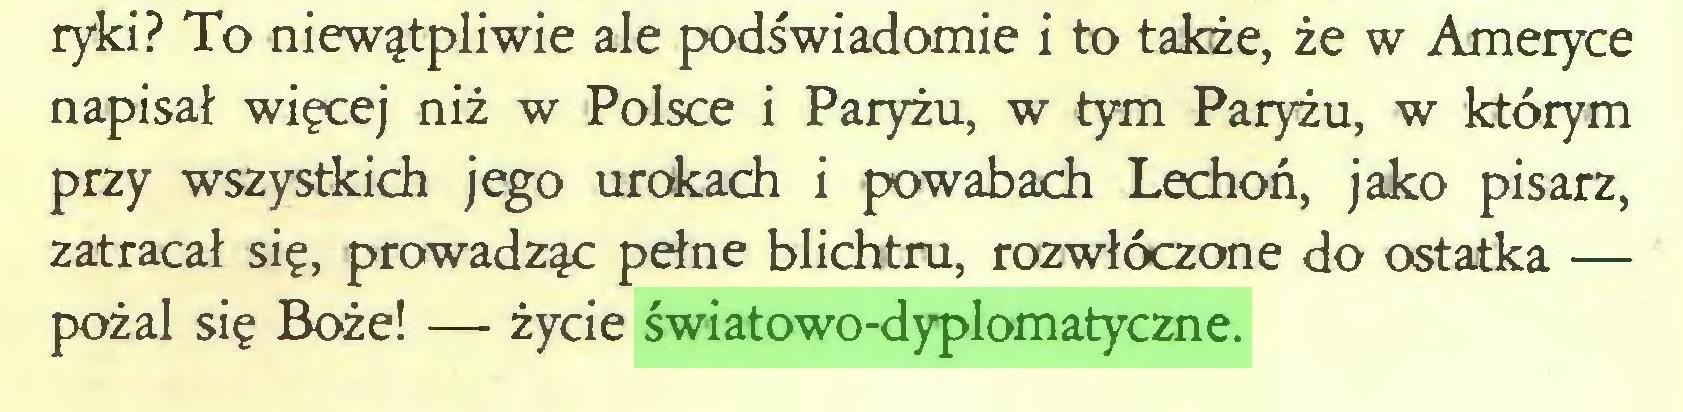 (...) ryki? To niewątpliwie ale podświadomie i to także, że w Ameryce napisał więcej niż w Polsce i Paryżu, w tym Paryżu, w którym przy wszystkich jego urokach i powabach Lechoń, jako pisarz, zatracał się, prowadząc pełne blichtru, rozwłóczone do ostatka — pożal się Boże! — życie światowo-dyplomatyczne...